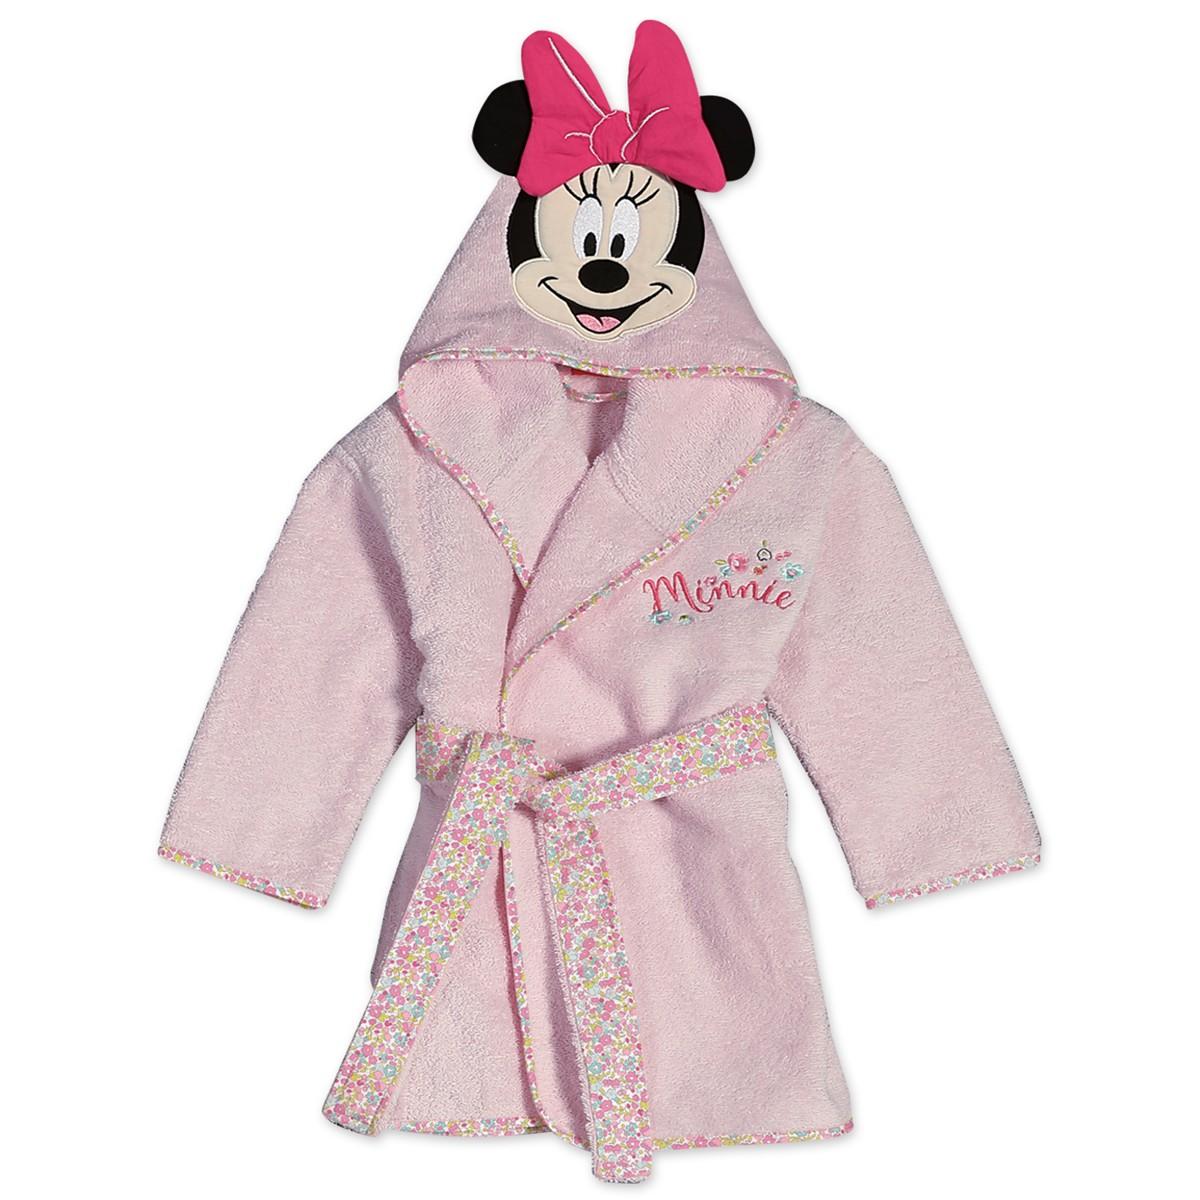 Βρεφικό Μπουρνούζι Nef-Nef Disney Minnie Little Flower Νο2 Νο2